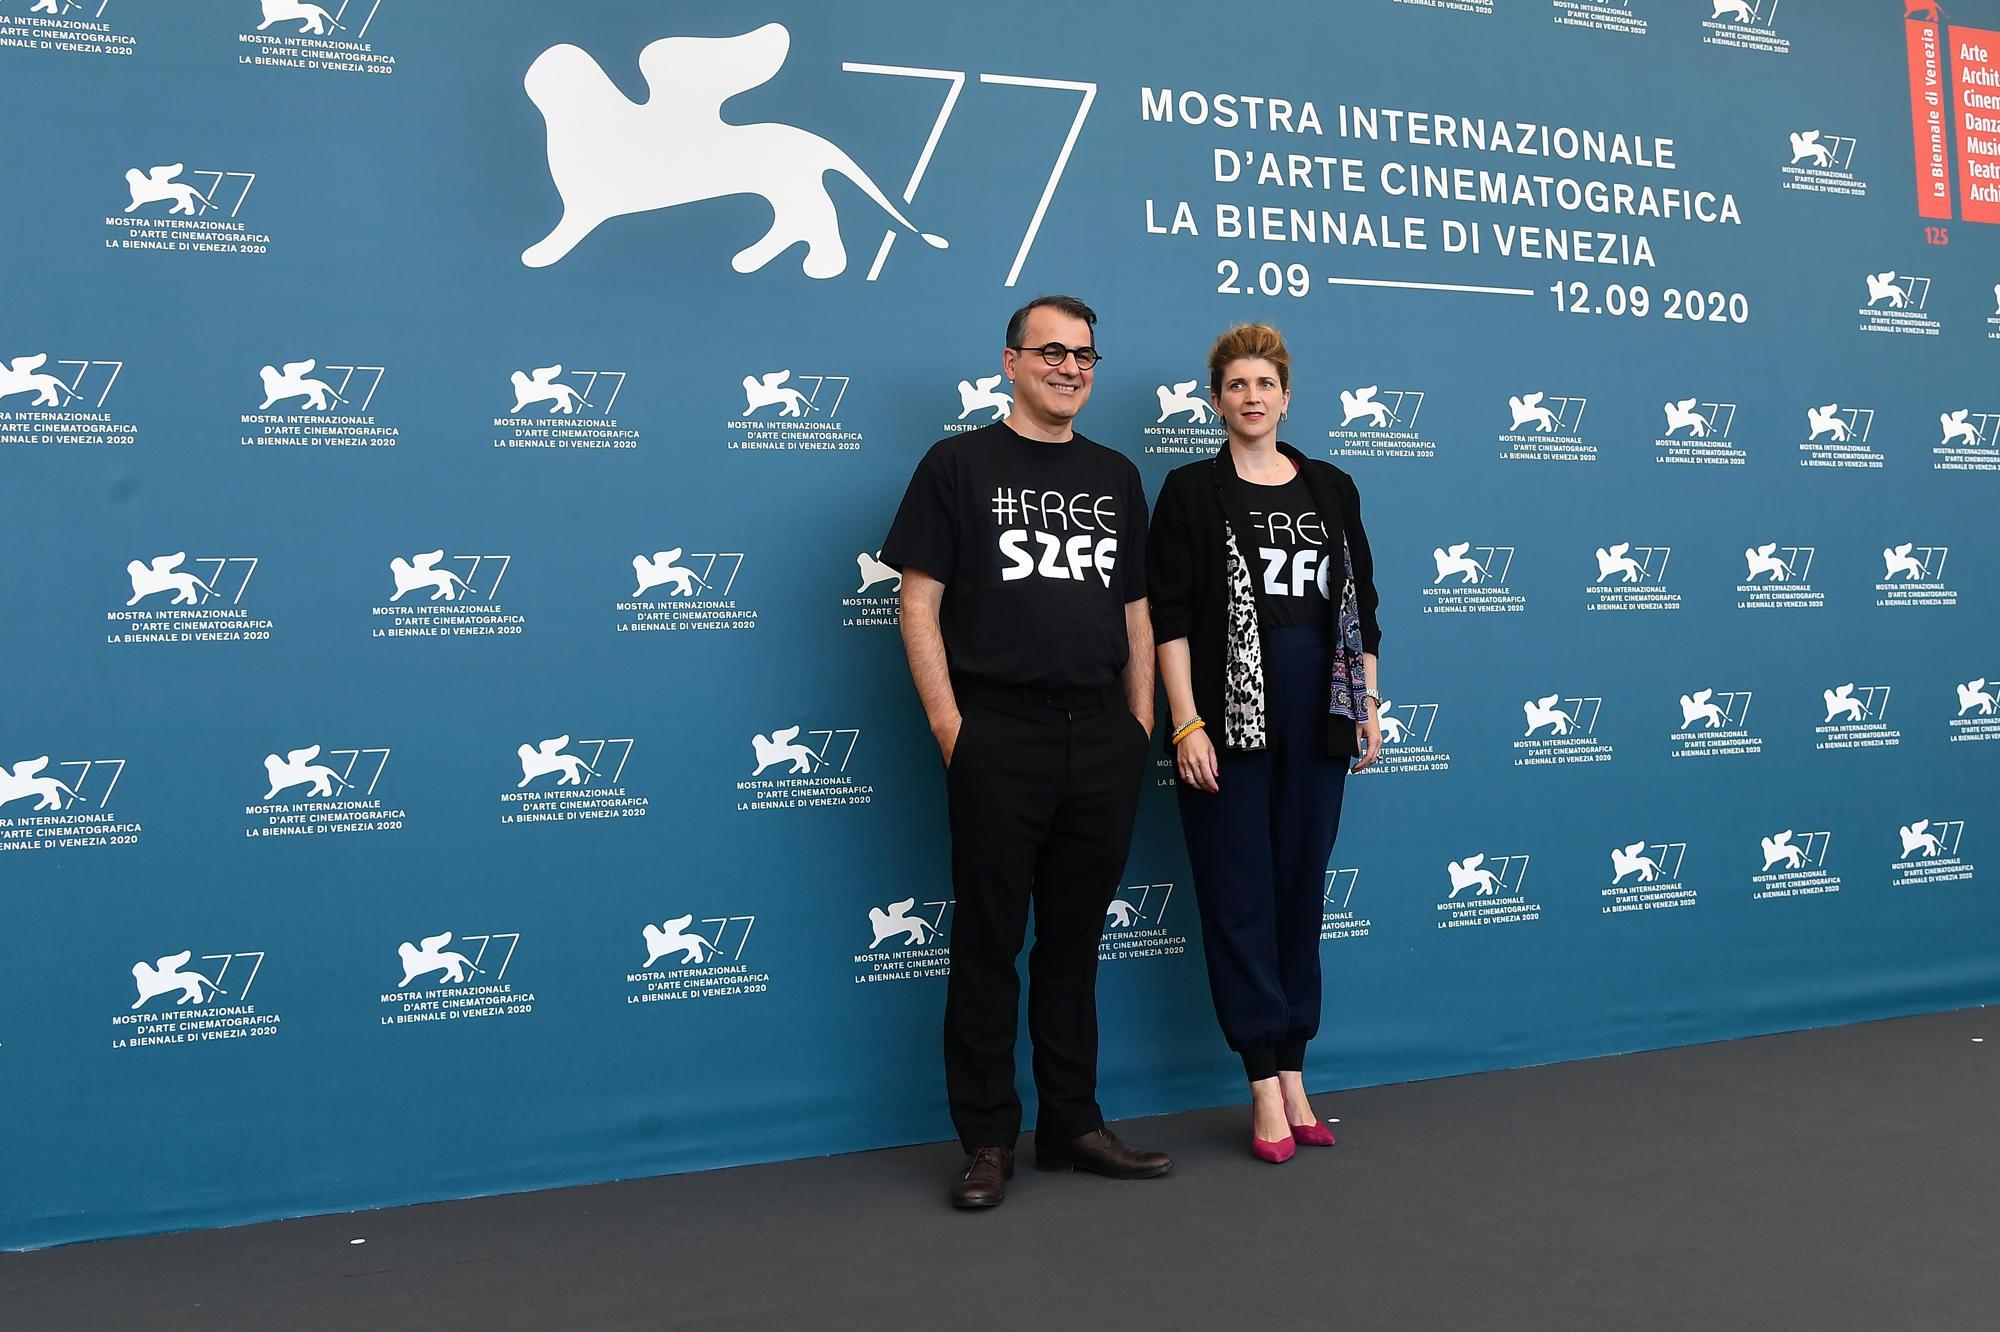 mundruczo kornel freeszfe szinmuveszeti egyetem velencei filmfesztival pieces of a woman gyori fidesz weber kata